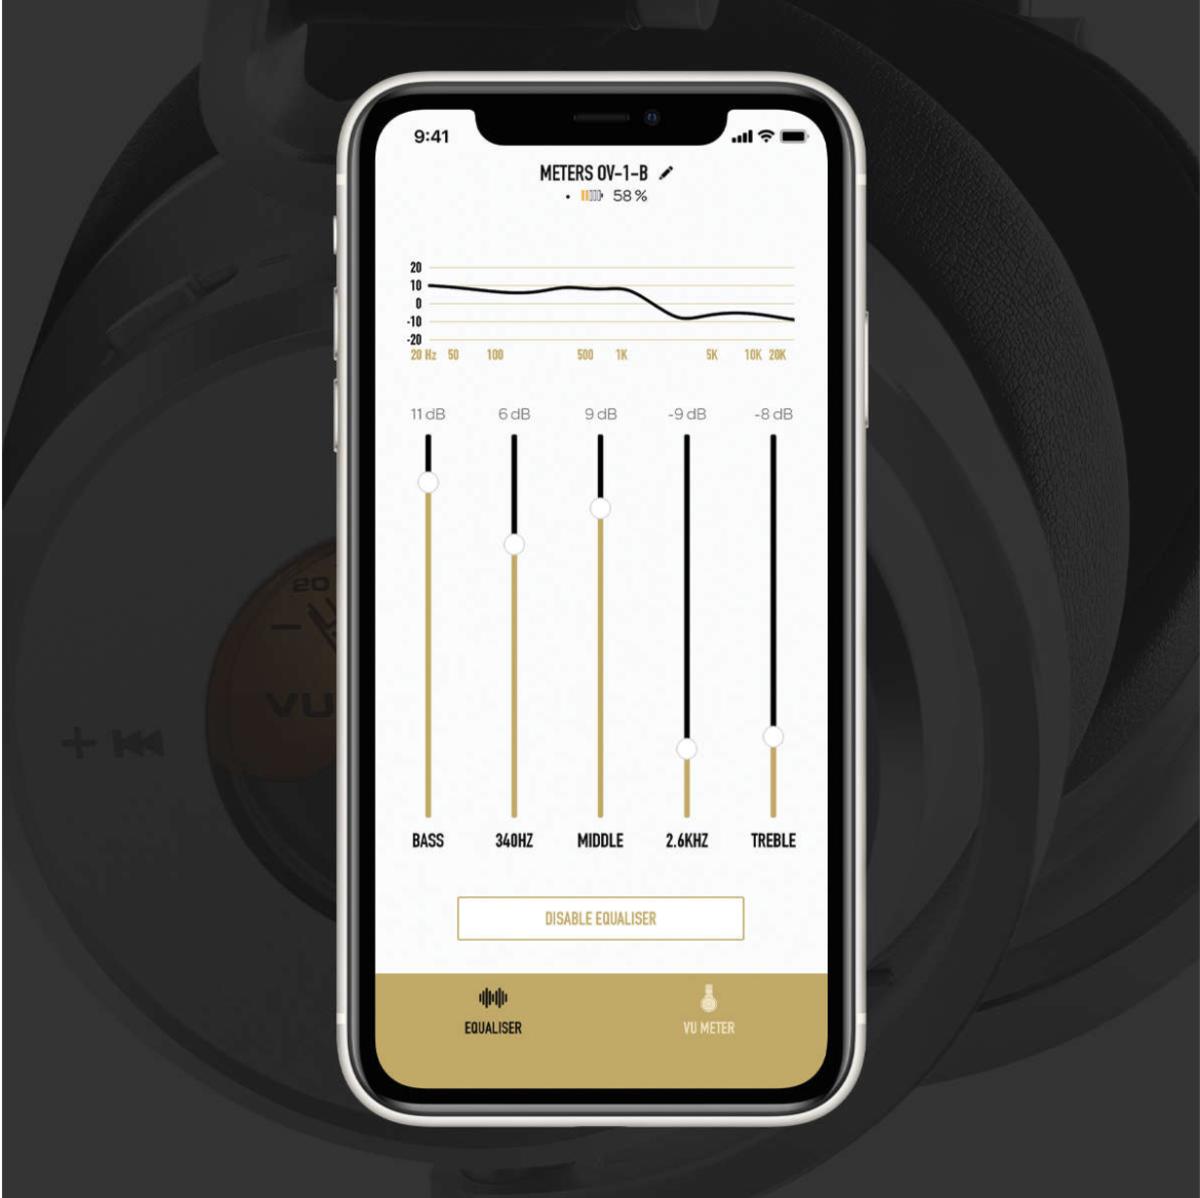 Meters OV-1-B Connect Headphone app